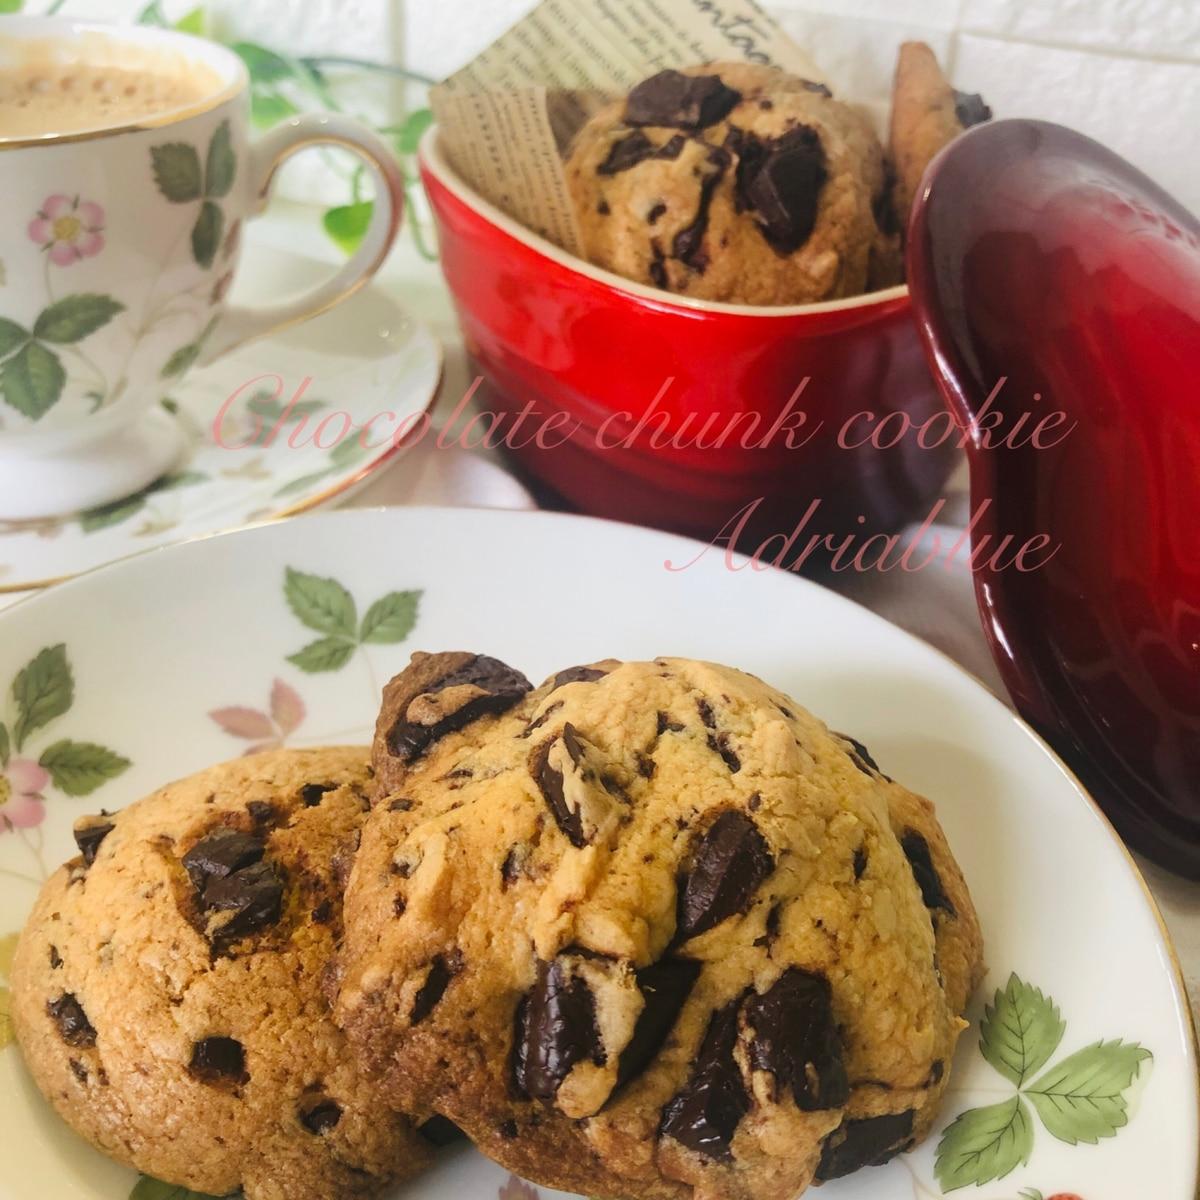 チョコ チャンク クッキー 東京の絶品クッキー!センスの良い手土産が買えるお店16選